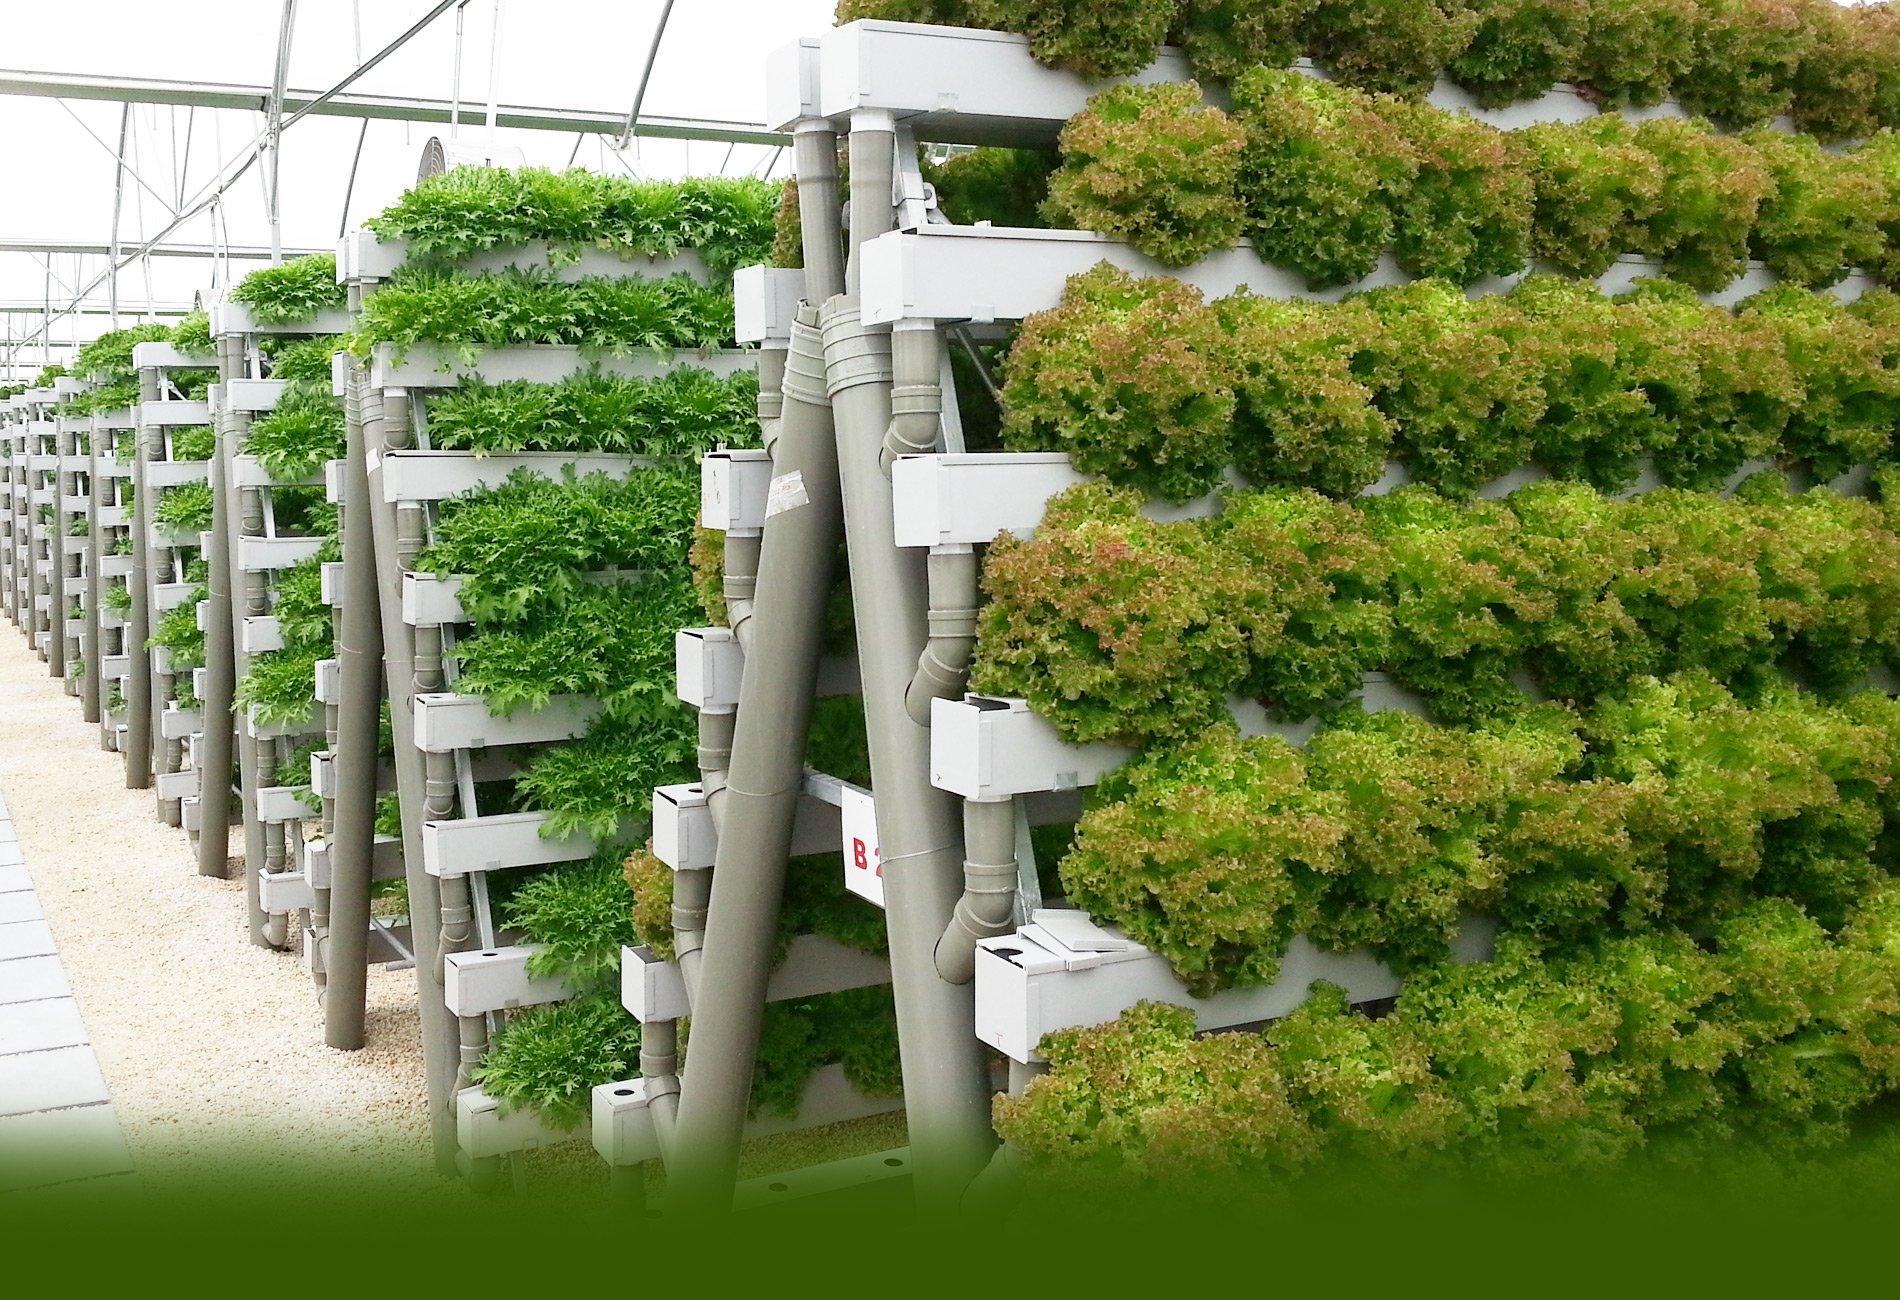 Гидропонная установка для выращивания зелени дома: сборка и 65